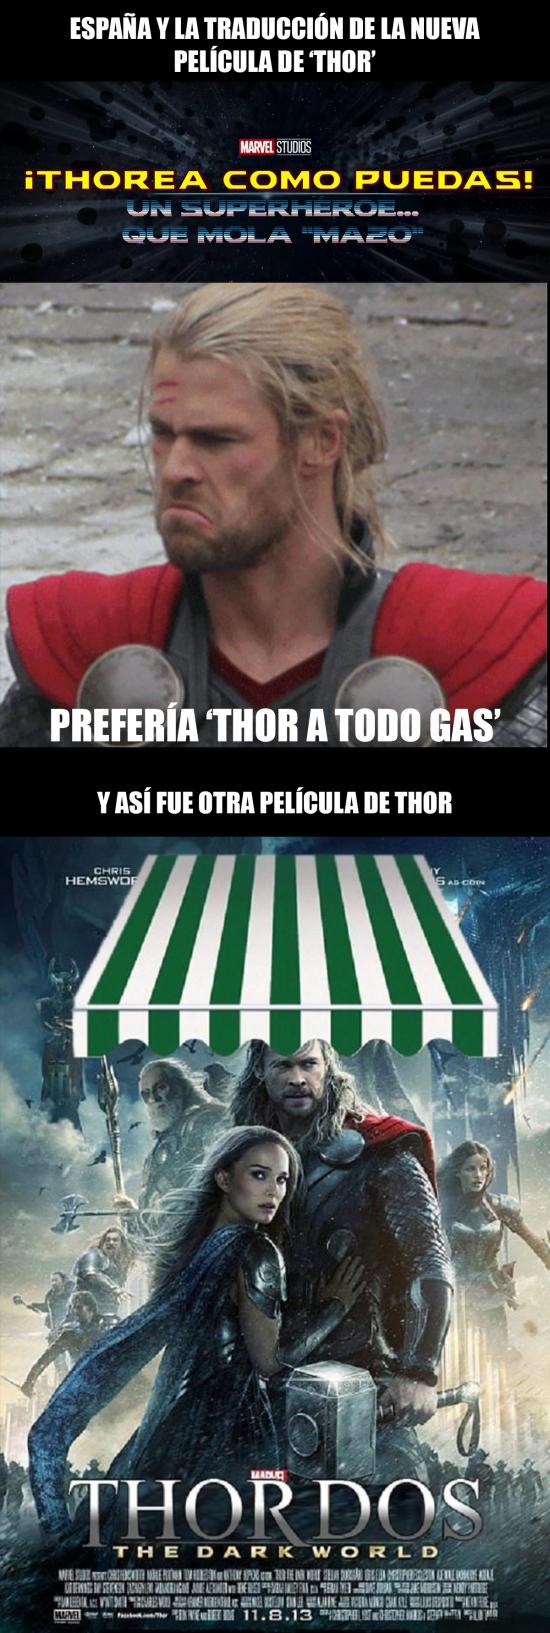 Otros - La traducción de la nueva película de Thor en España